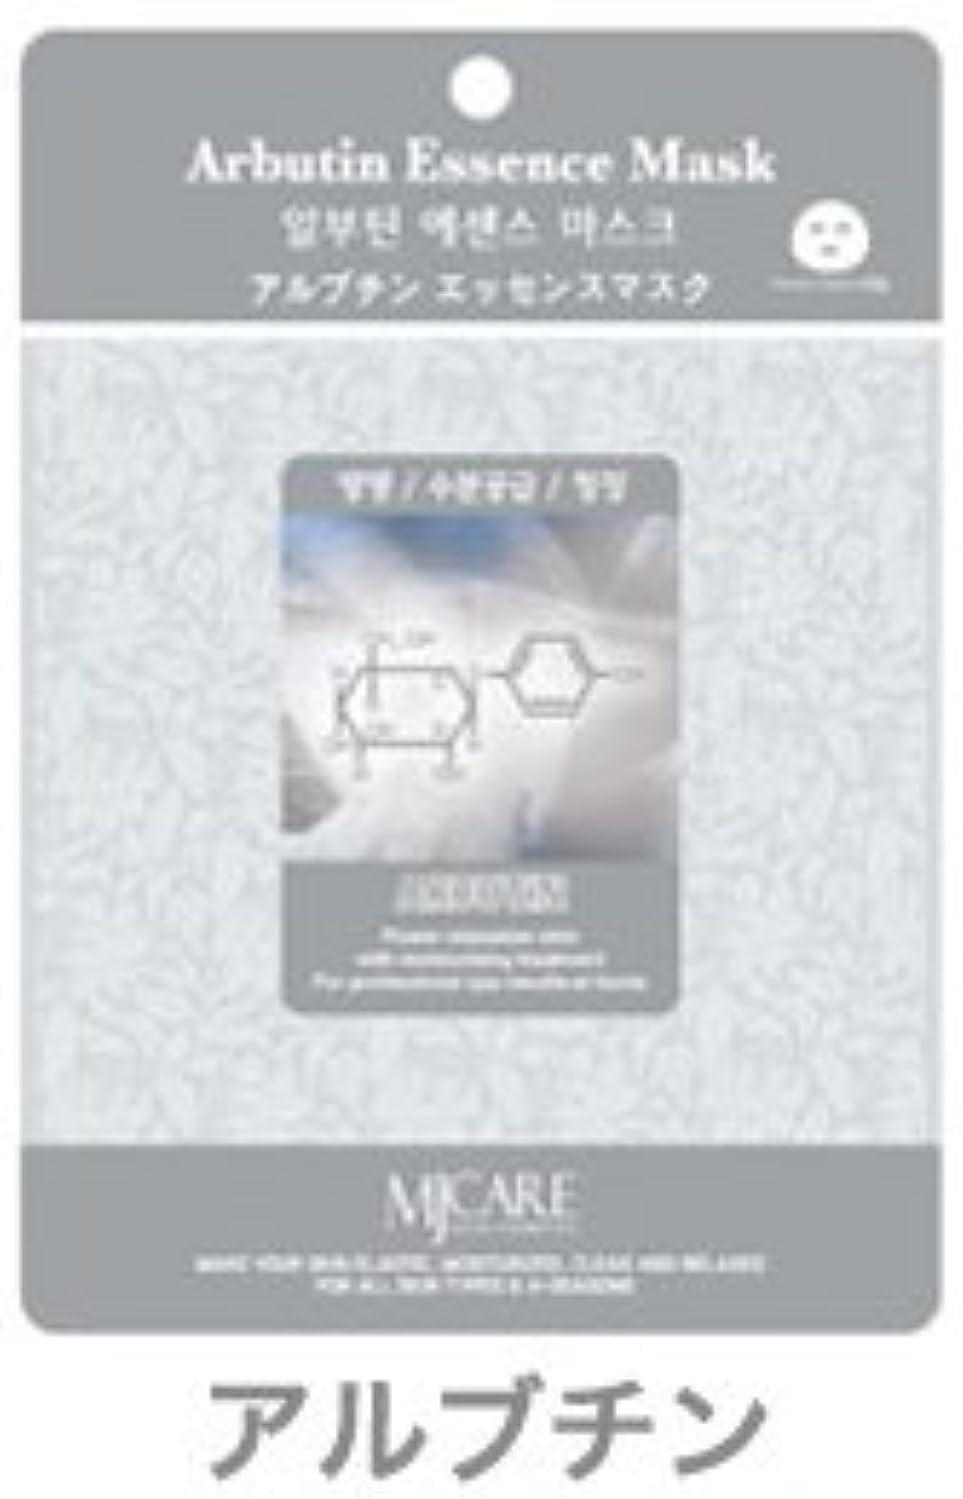 チーフ森ゼリーフェイスパック アルブチン 韓国コスメ  MIJIN(ミジン)コスメ 口コミ ランキング No1 おすすめ シートマスク 100枚